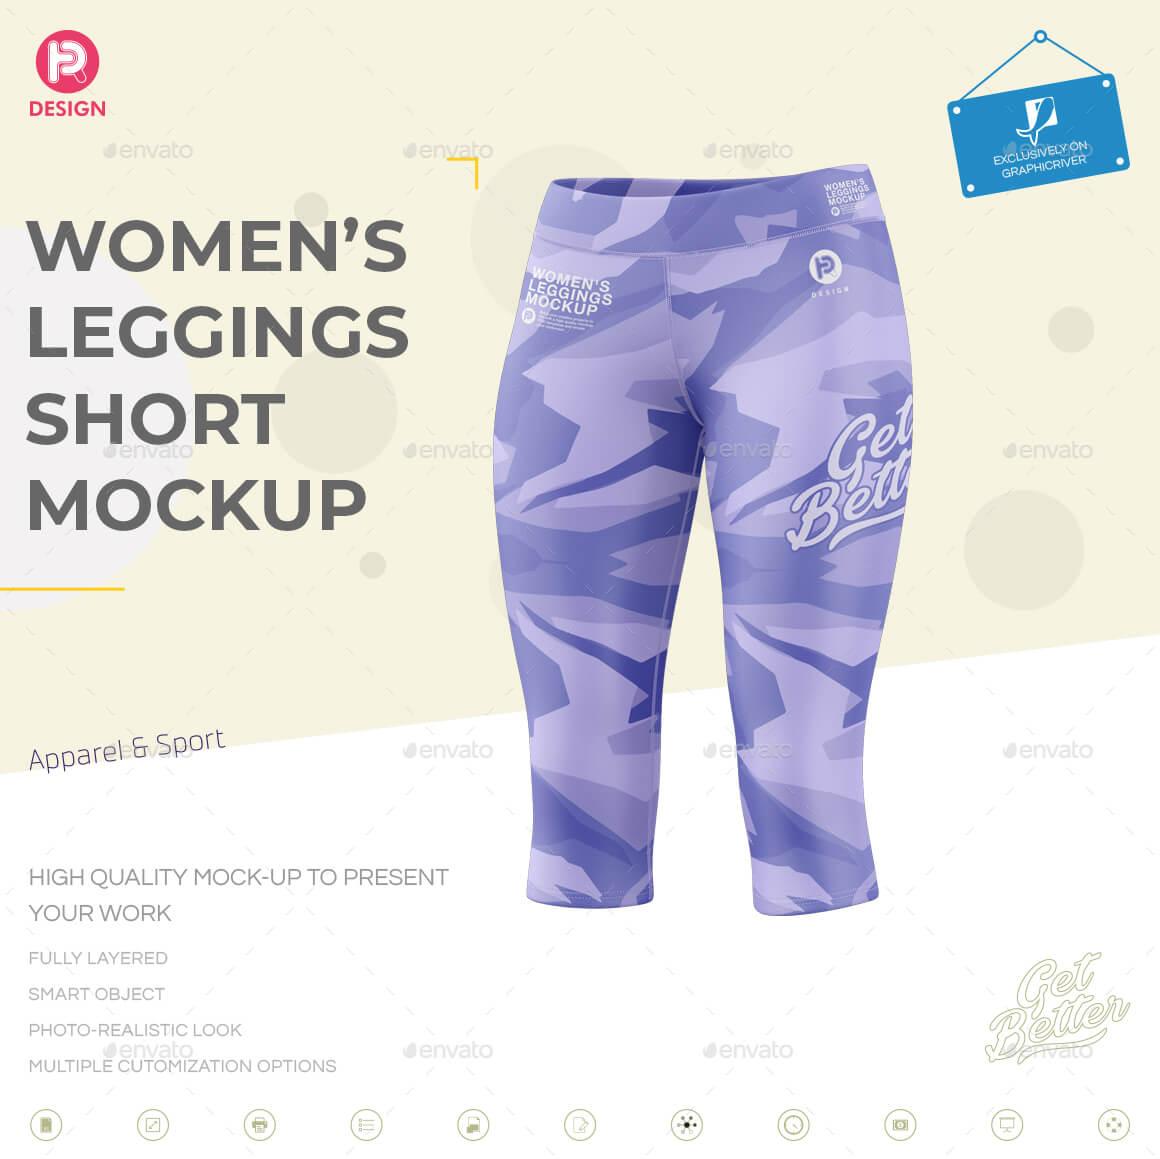 Women's Leggings Short Mockup (1)